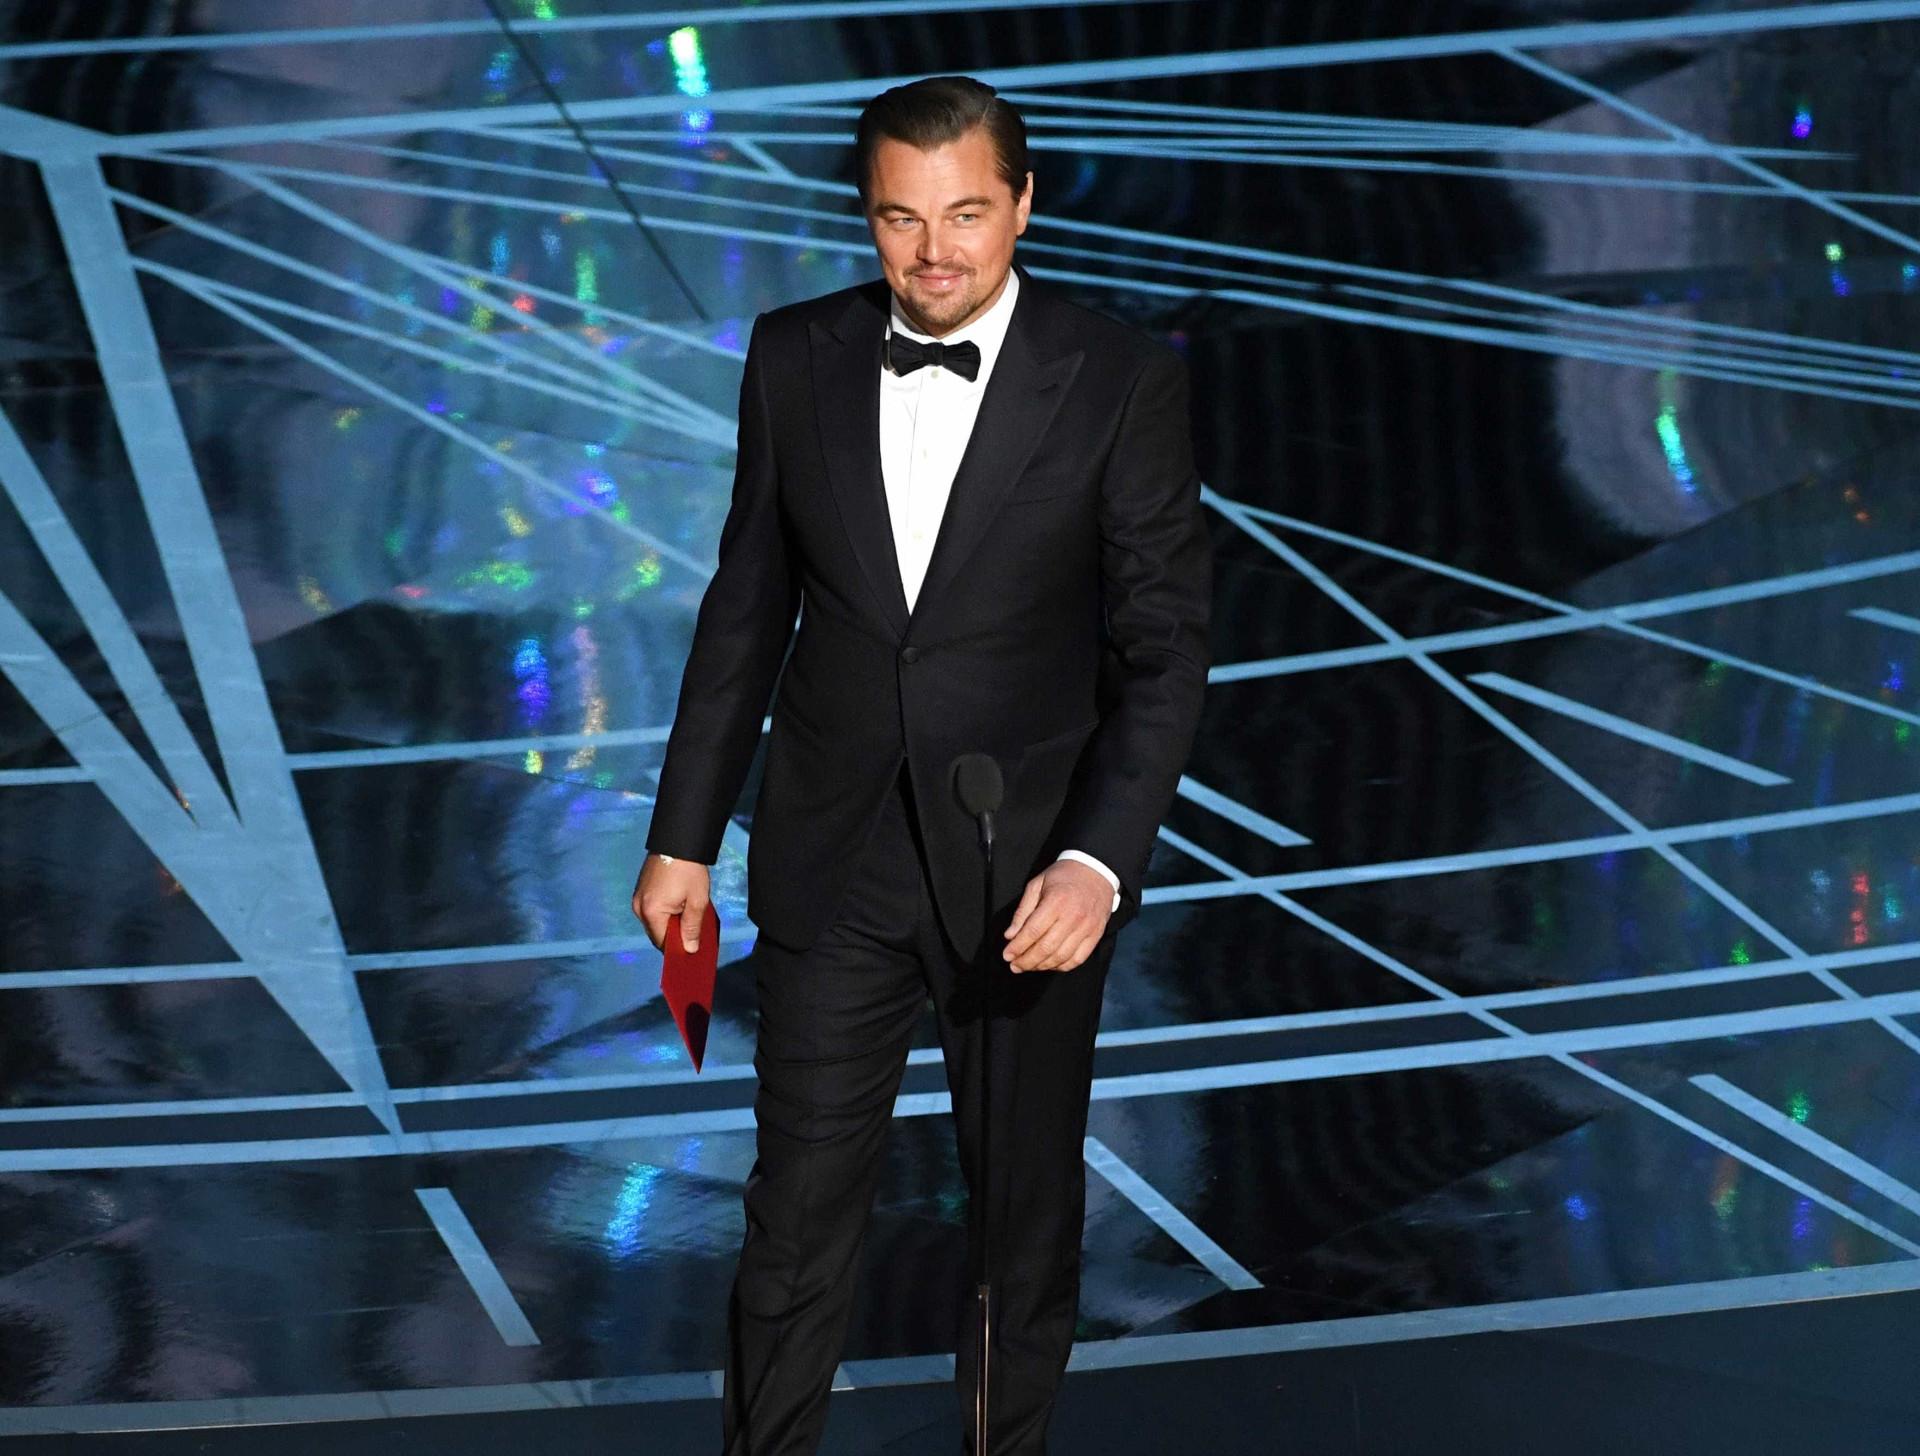 Estará o coração de Leonardo DiCaprio de novo preenchido?